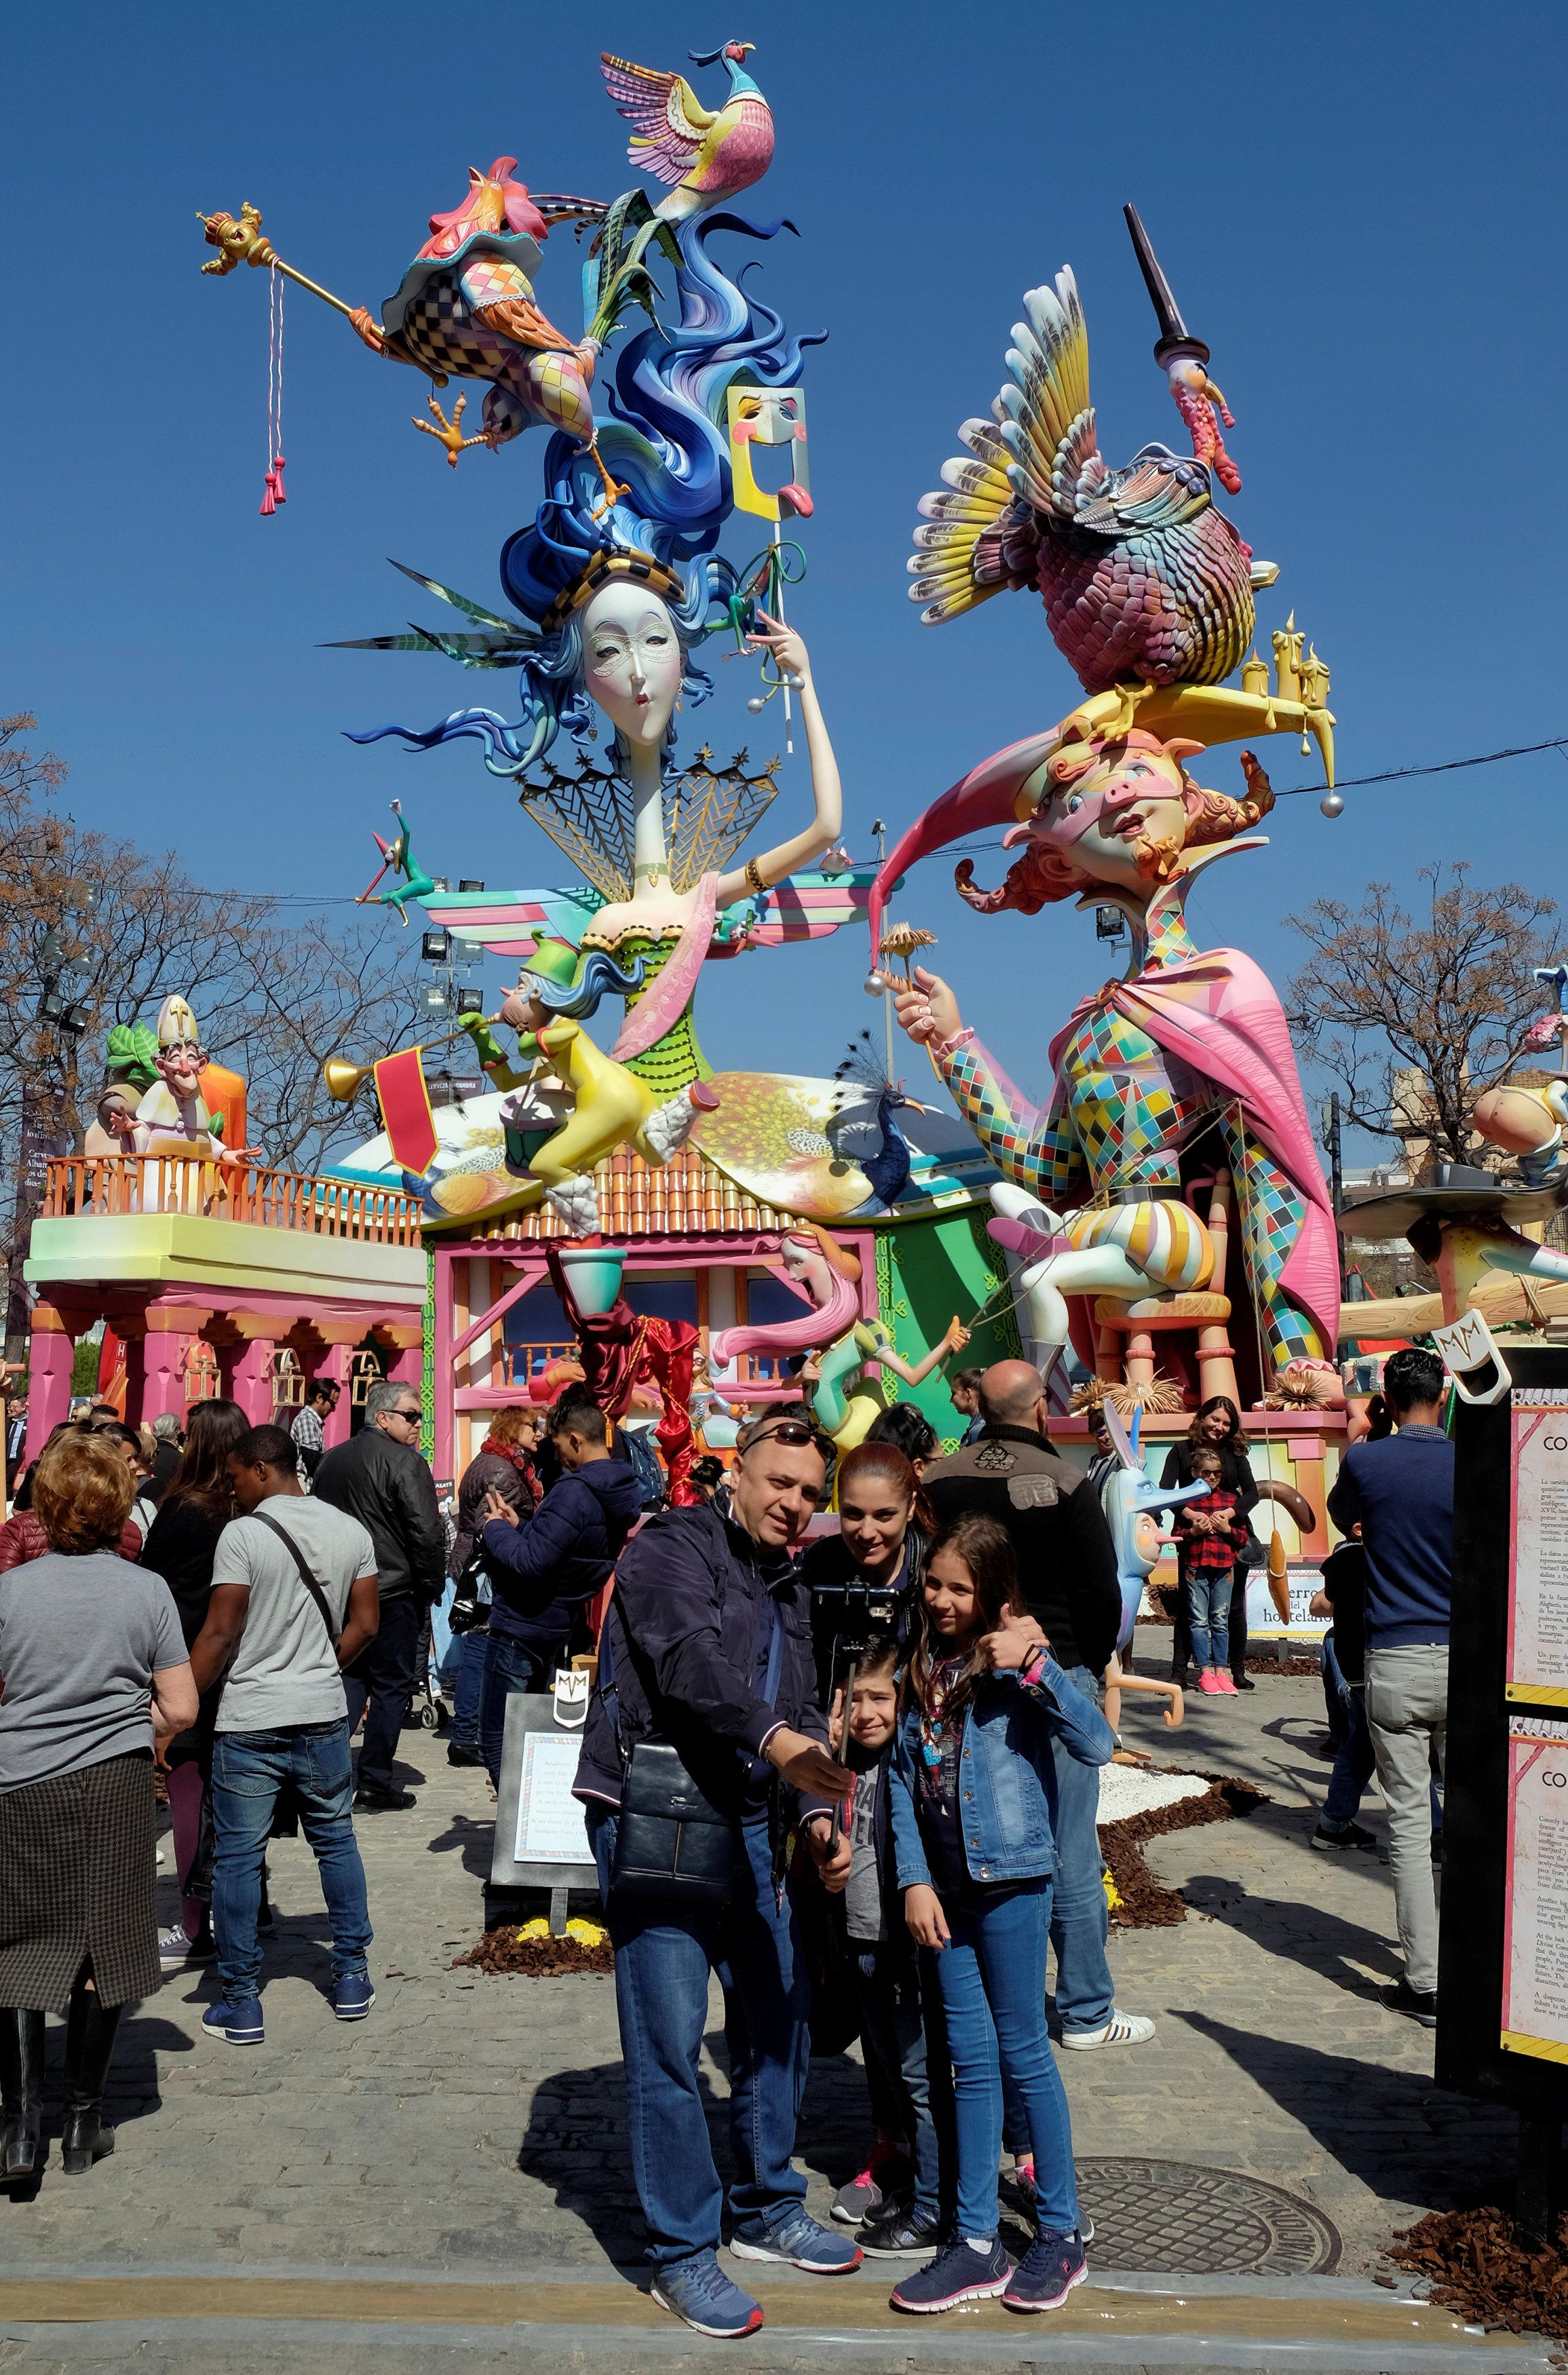 المئات يحتفلون بقدوم الربيع فى إسبانيا